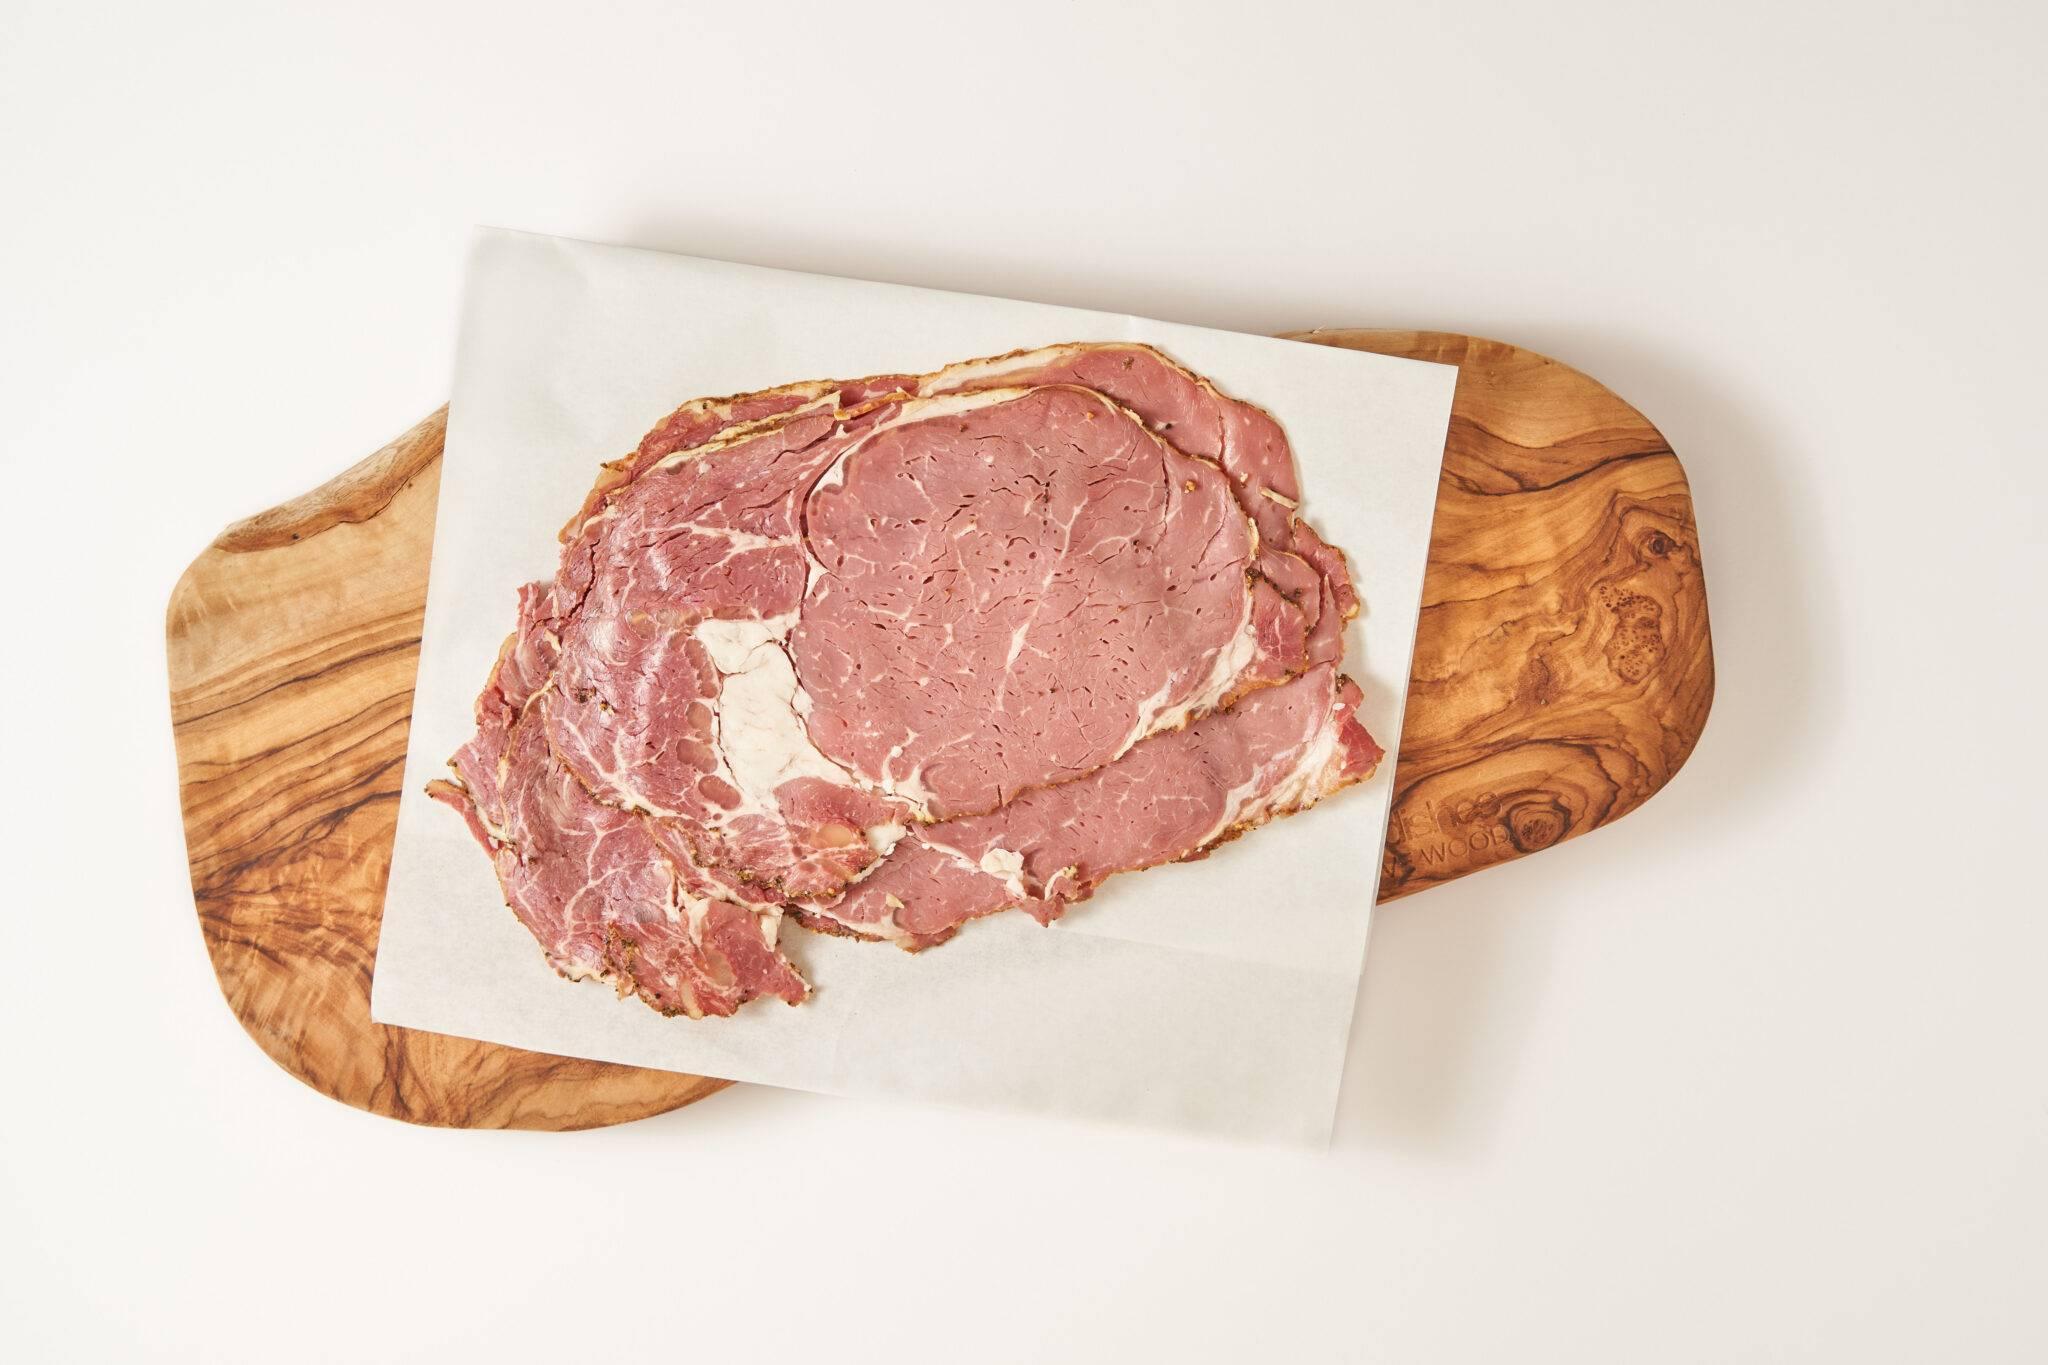 Vleesch & Co ambachtelijke pastrami